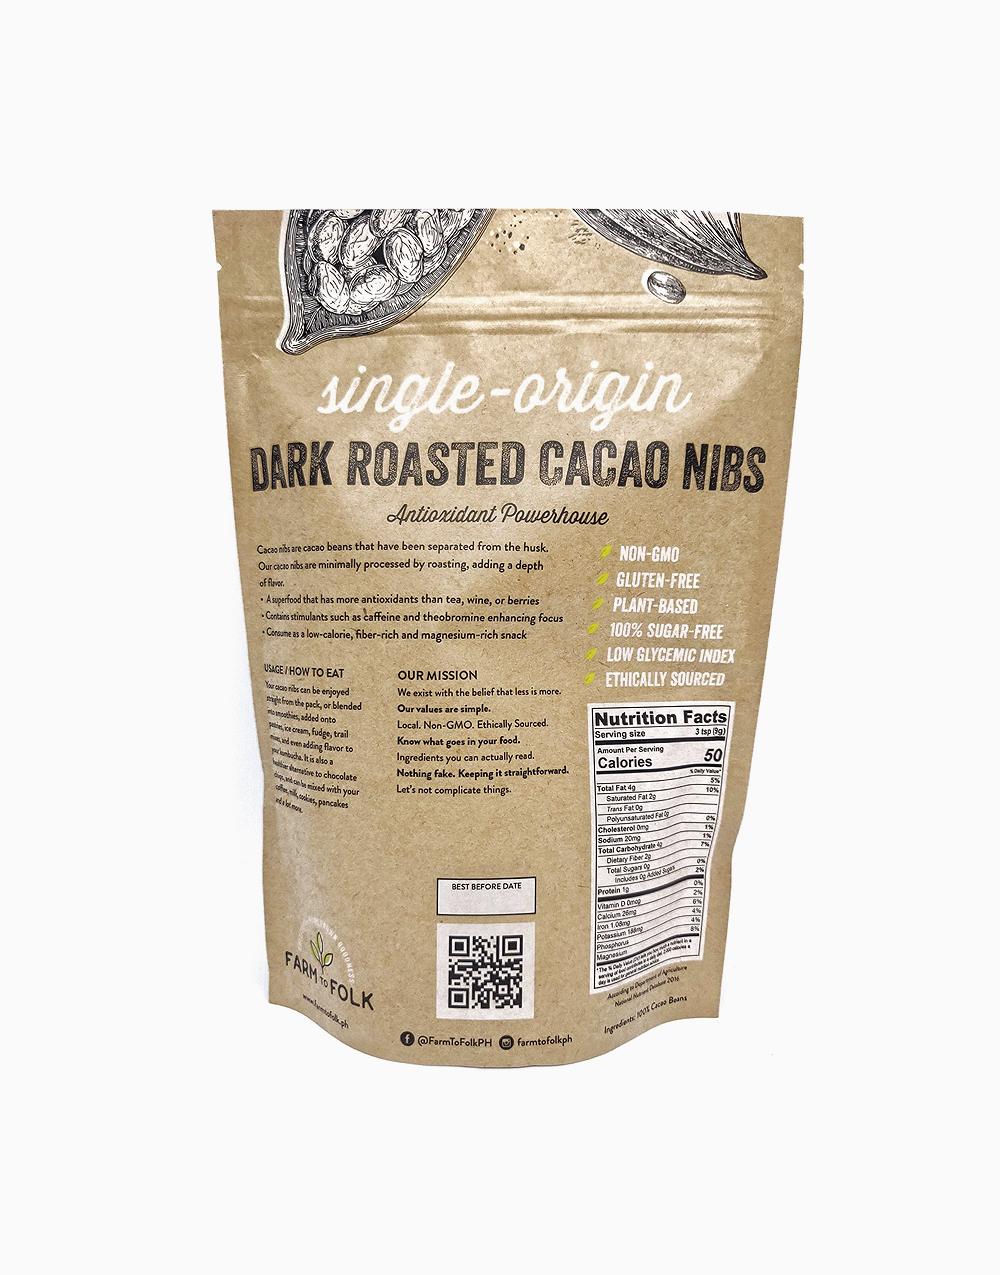 Organic Dark Roasted Cacao Nibs (250g) by Farm to Folk